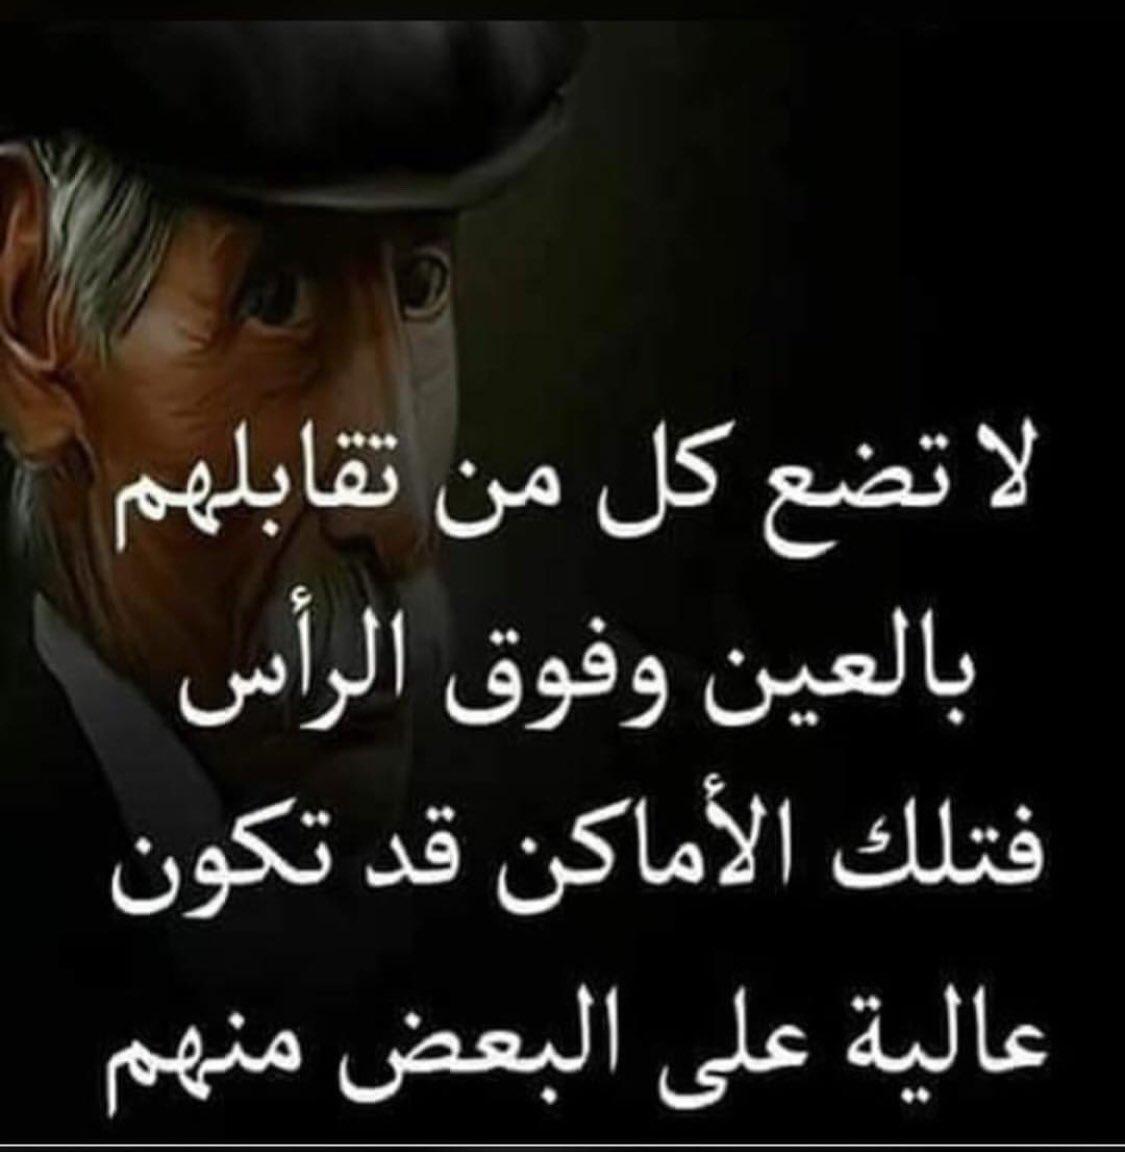 حكمة الصباح اشراقه صباح مع حكمه في الصميم كيوت